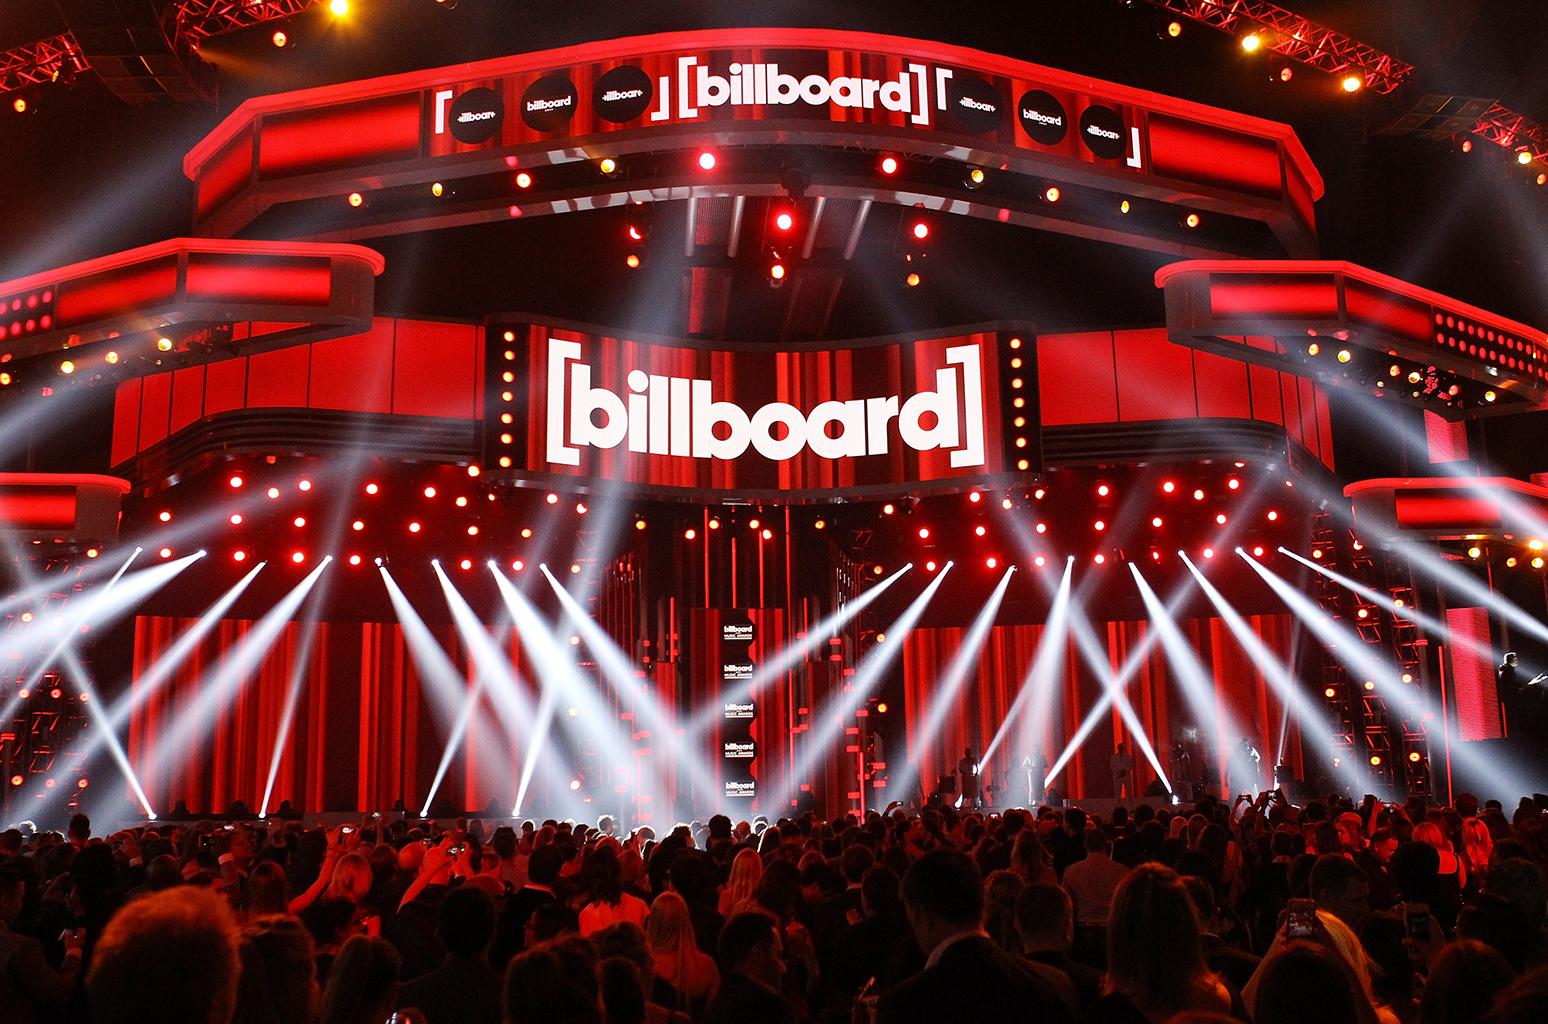 billboard-music-awards-atmosphere-stage-billboard-1548.jpg